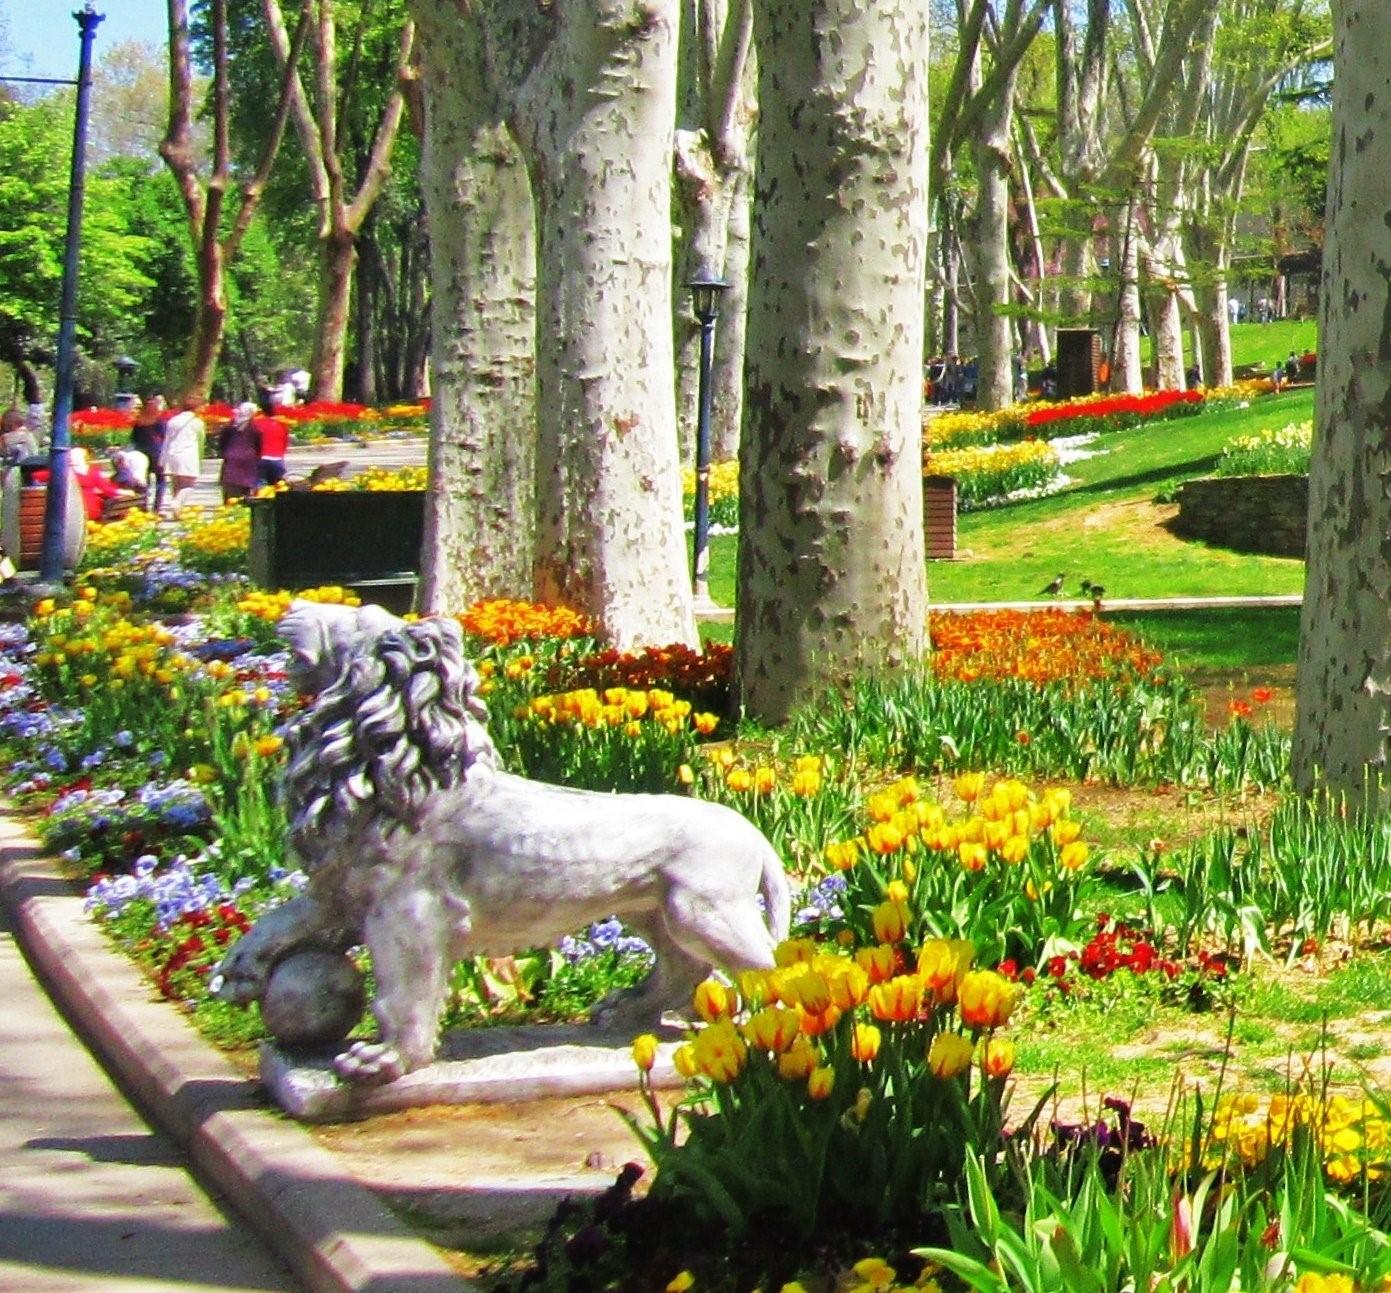 Quel Est Le Plus Beau Parc D'istanbul? Comment Peux-Je Y ... encequiconcerne Statues De Jardin Occasion